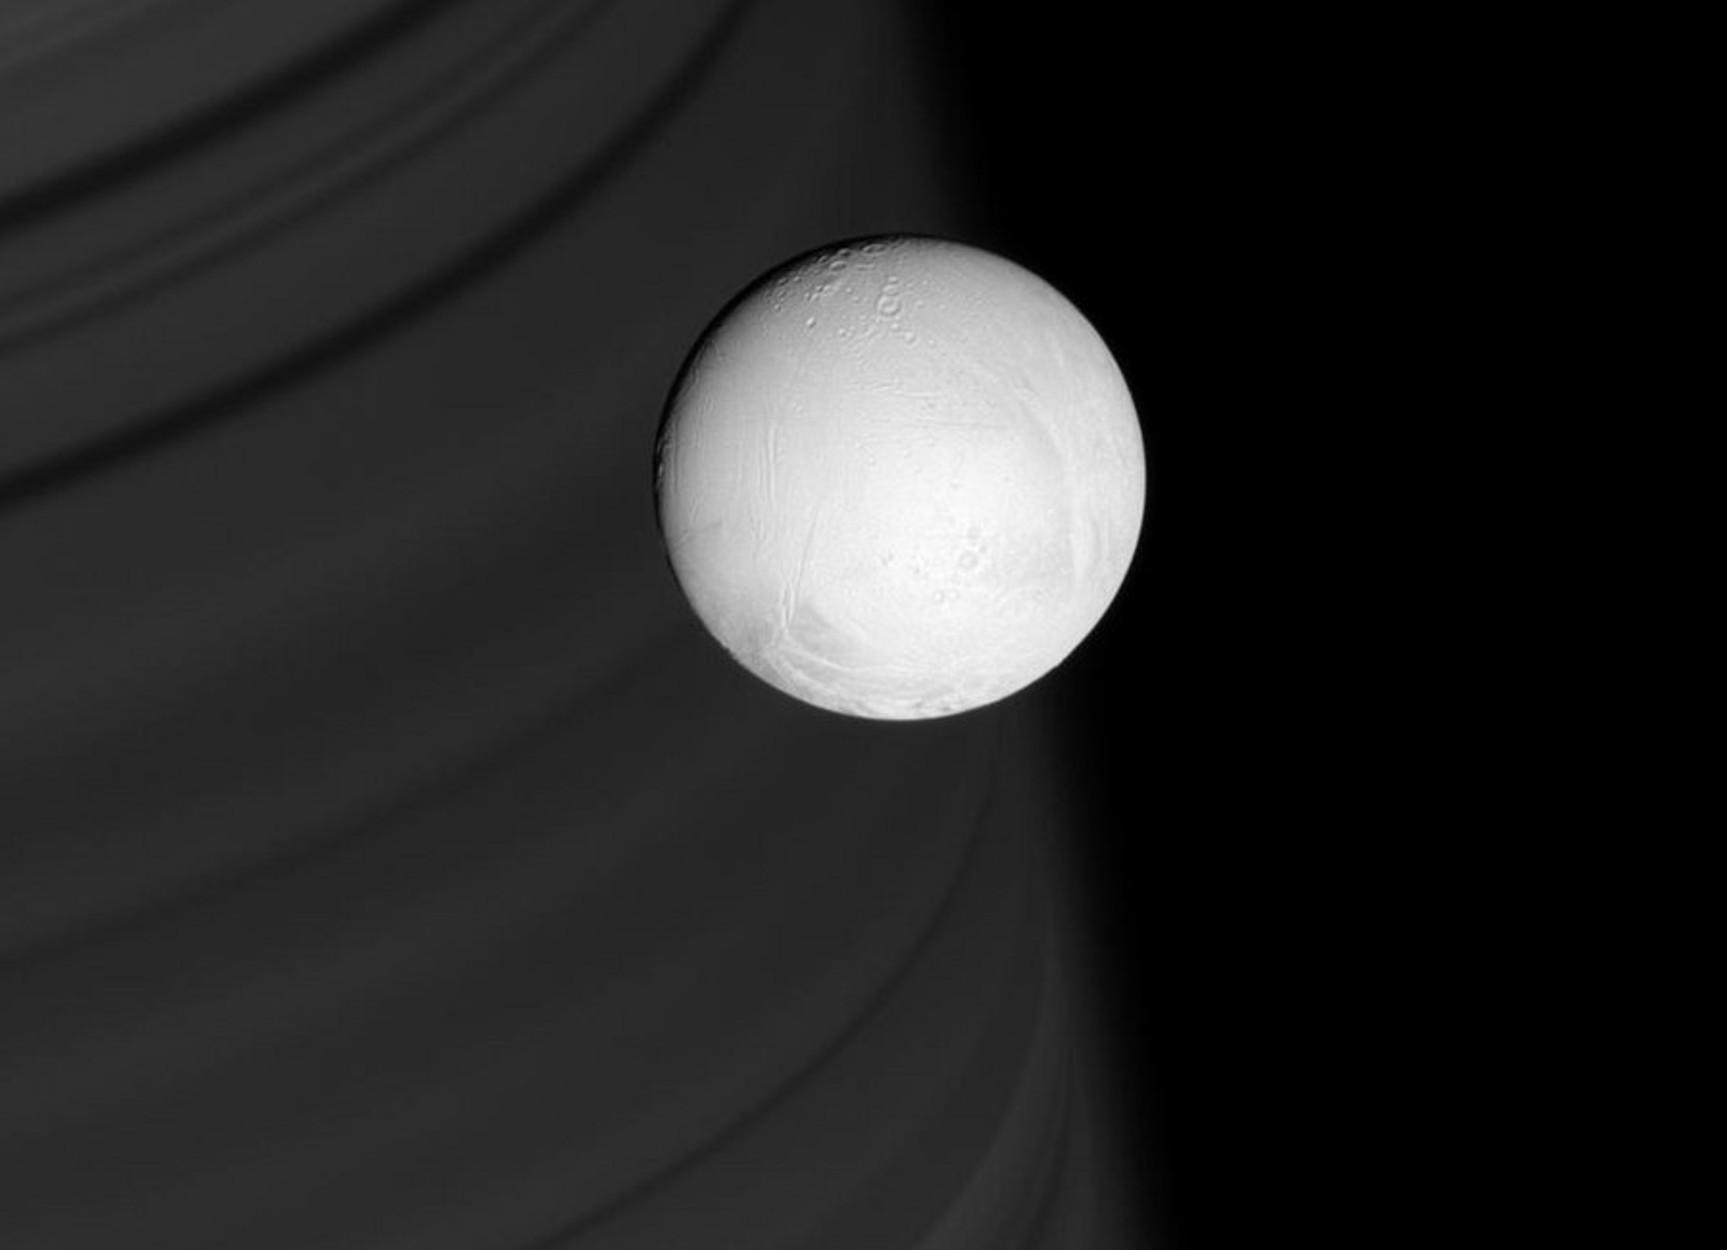 """Δέος! Ανακαλύφθηκαν ίχνη ζωής στον δορυφόρο """"Εγκέλαδο"""" του Κρόνου - """"Θυμίζουν""""... Γη"""